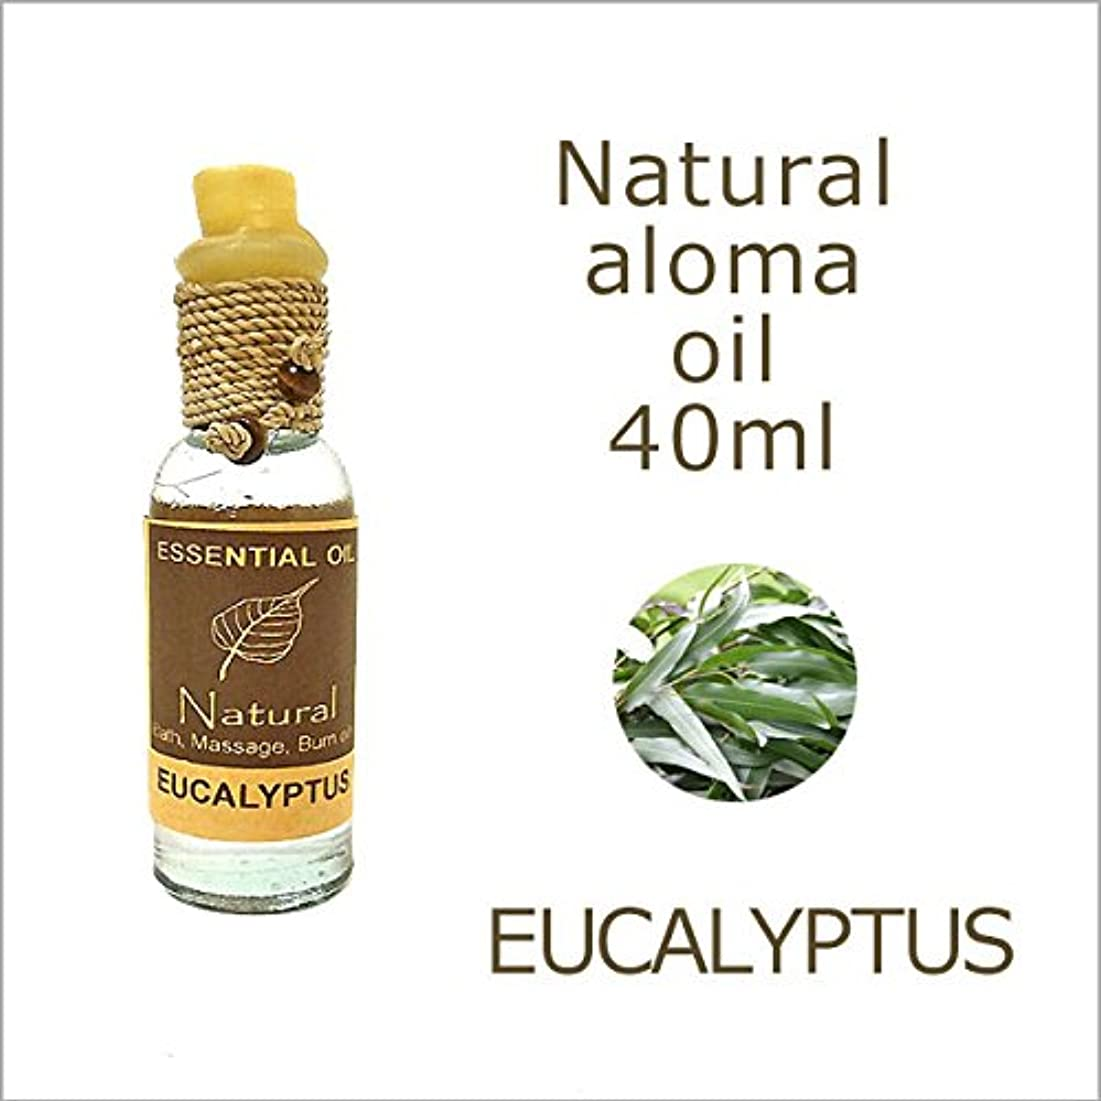 疑問を超えて見分ける溶かすユーカリ Eucalyptusアロマオイル40ml マッサージオイル アジアン 雑貨 バリ 雑貨 タイ 雑貨 アジアン インテリア 花粉 対策 並行輸入品